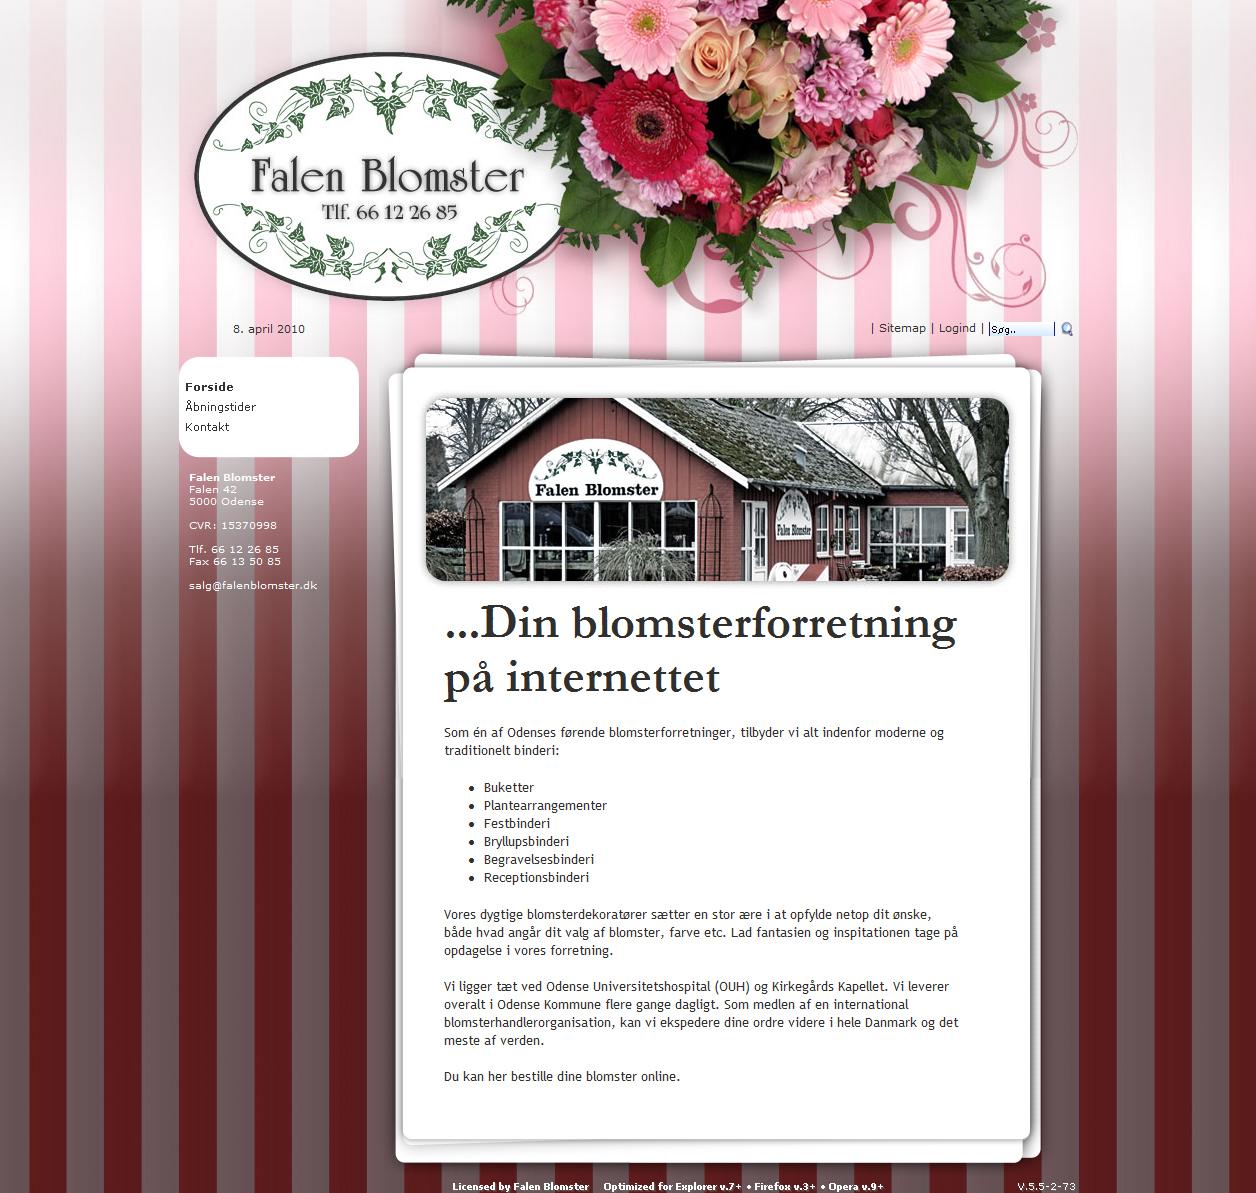 Falen Blomster webdesign